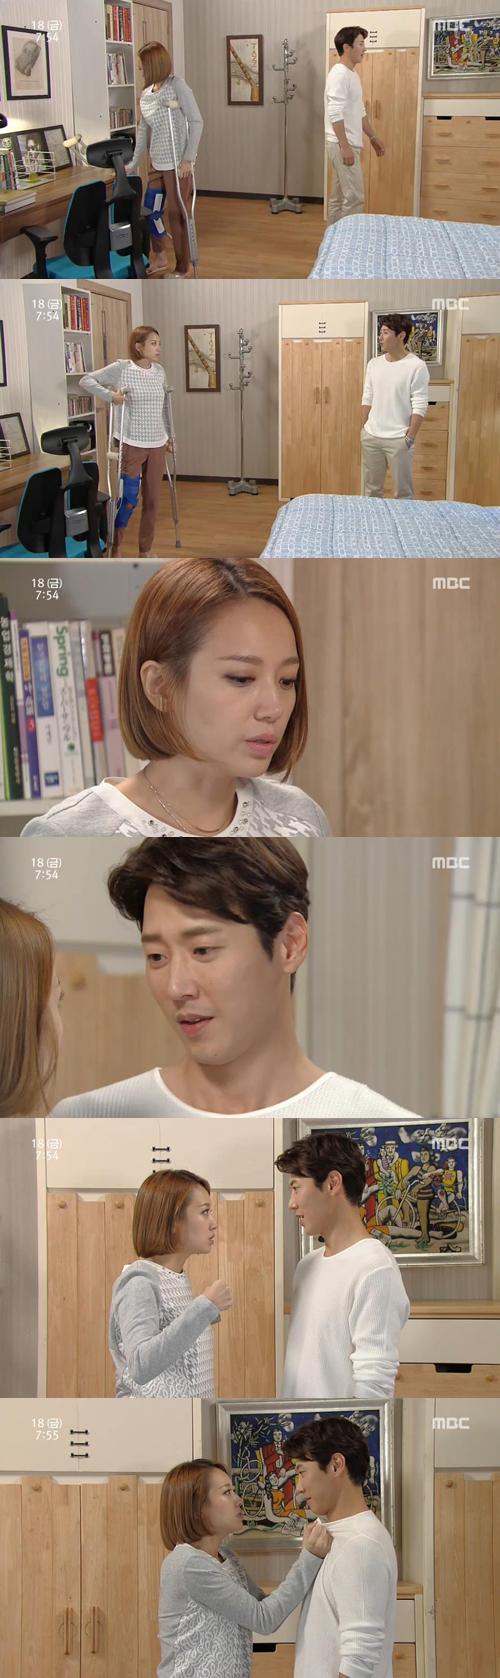 """김민경, 김영훈 멱살 잡으며 """"헤어졌다고 막말하지 마"""""""